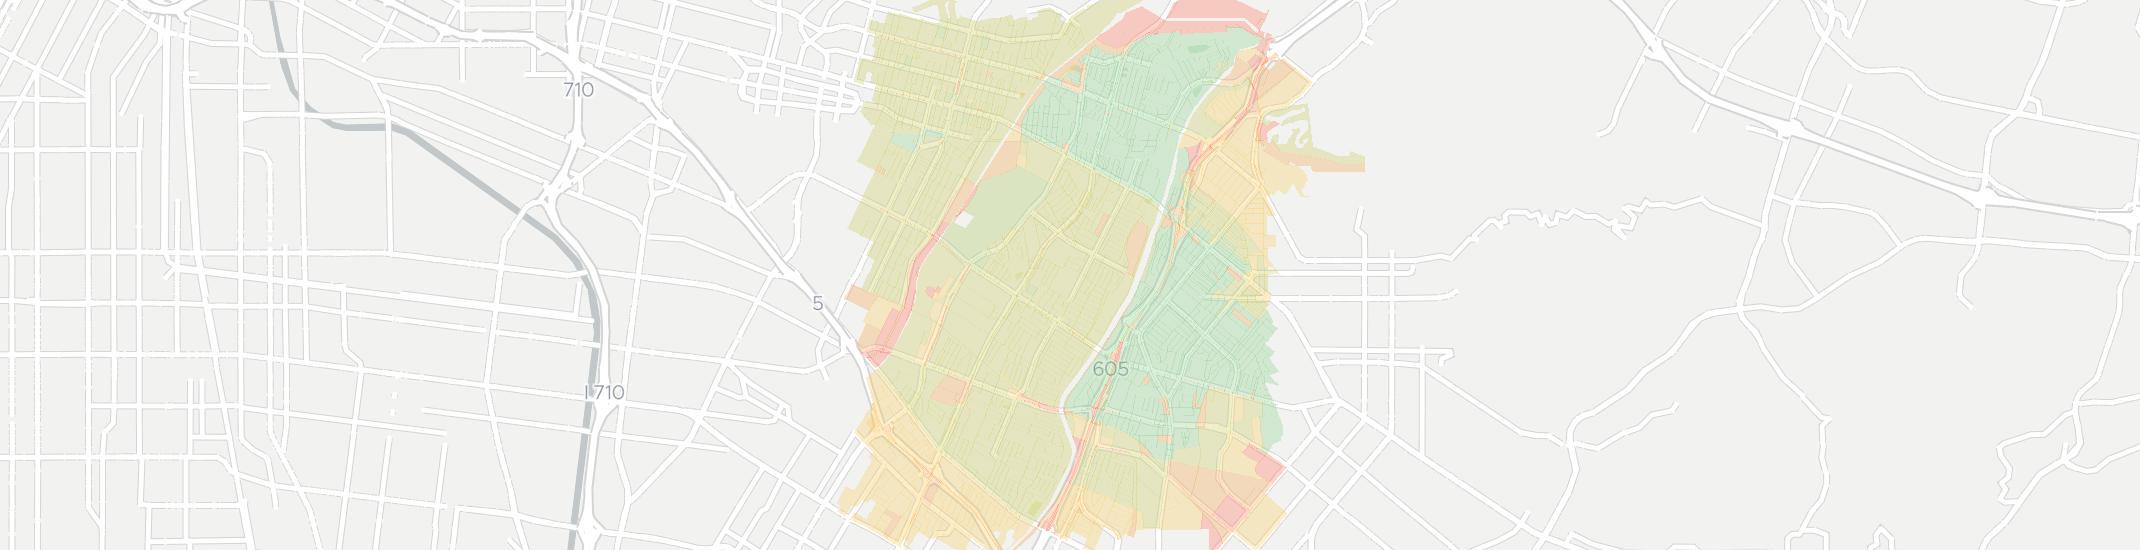 Pico Rivera Zip Code Map.Internet Providers In Pico Rivera Compare 16 Providers